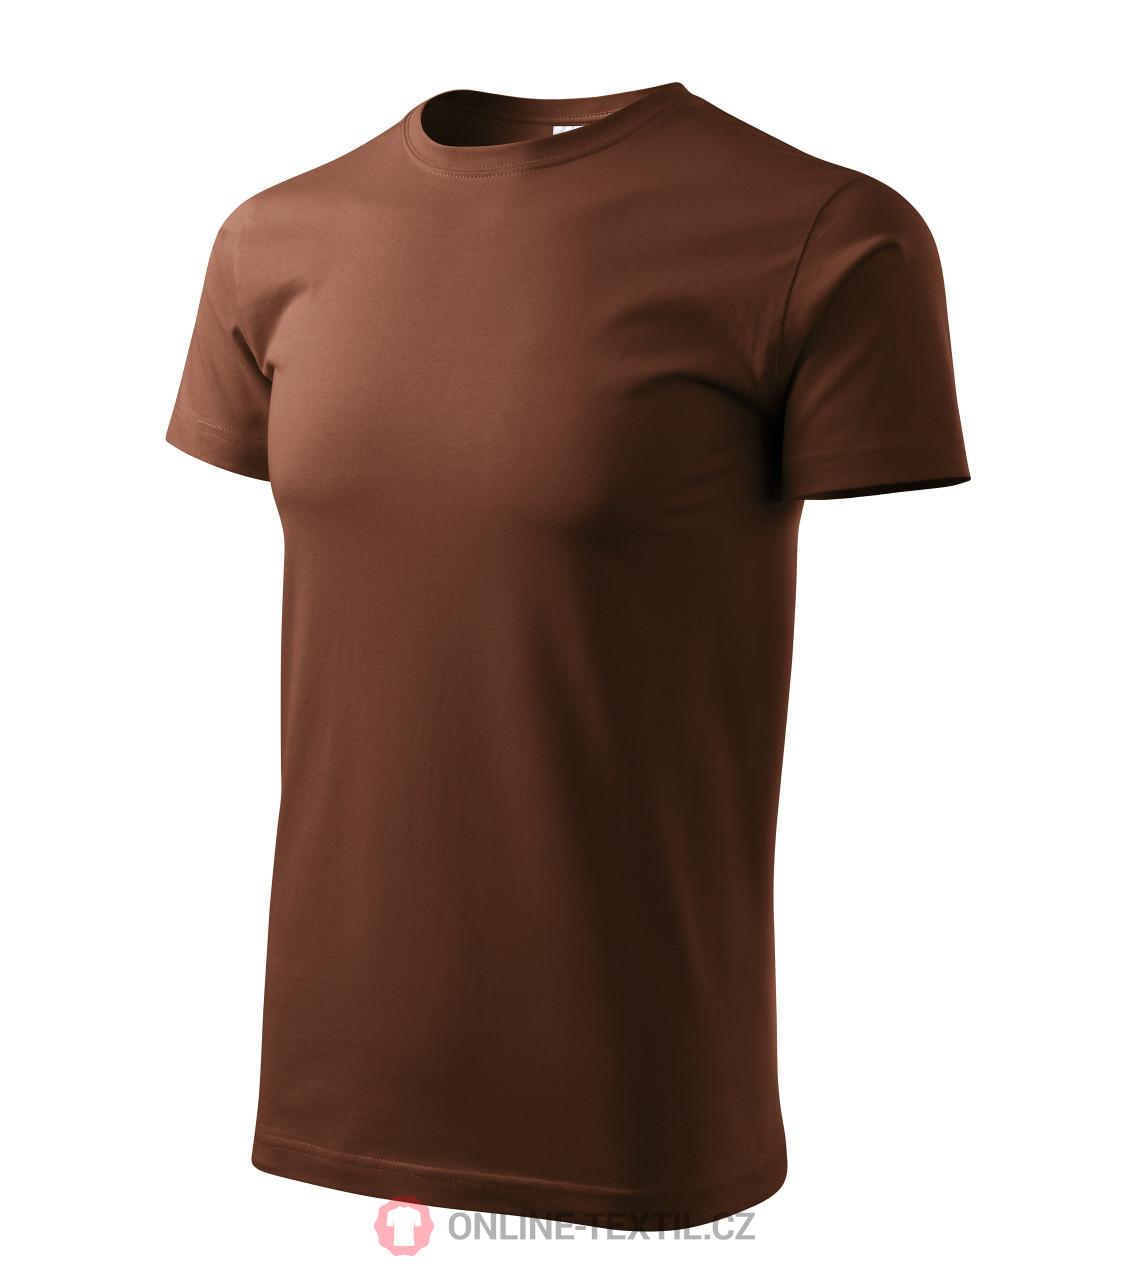 ADLER CZECH Tričko Heavy New vyšší gramáže 137 - čokoládová z ... 23dd87420b